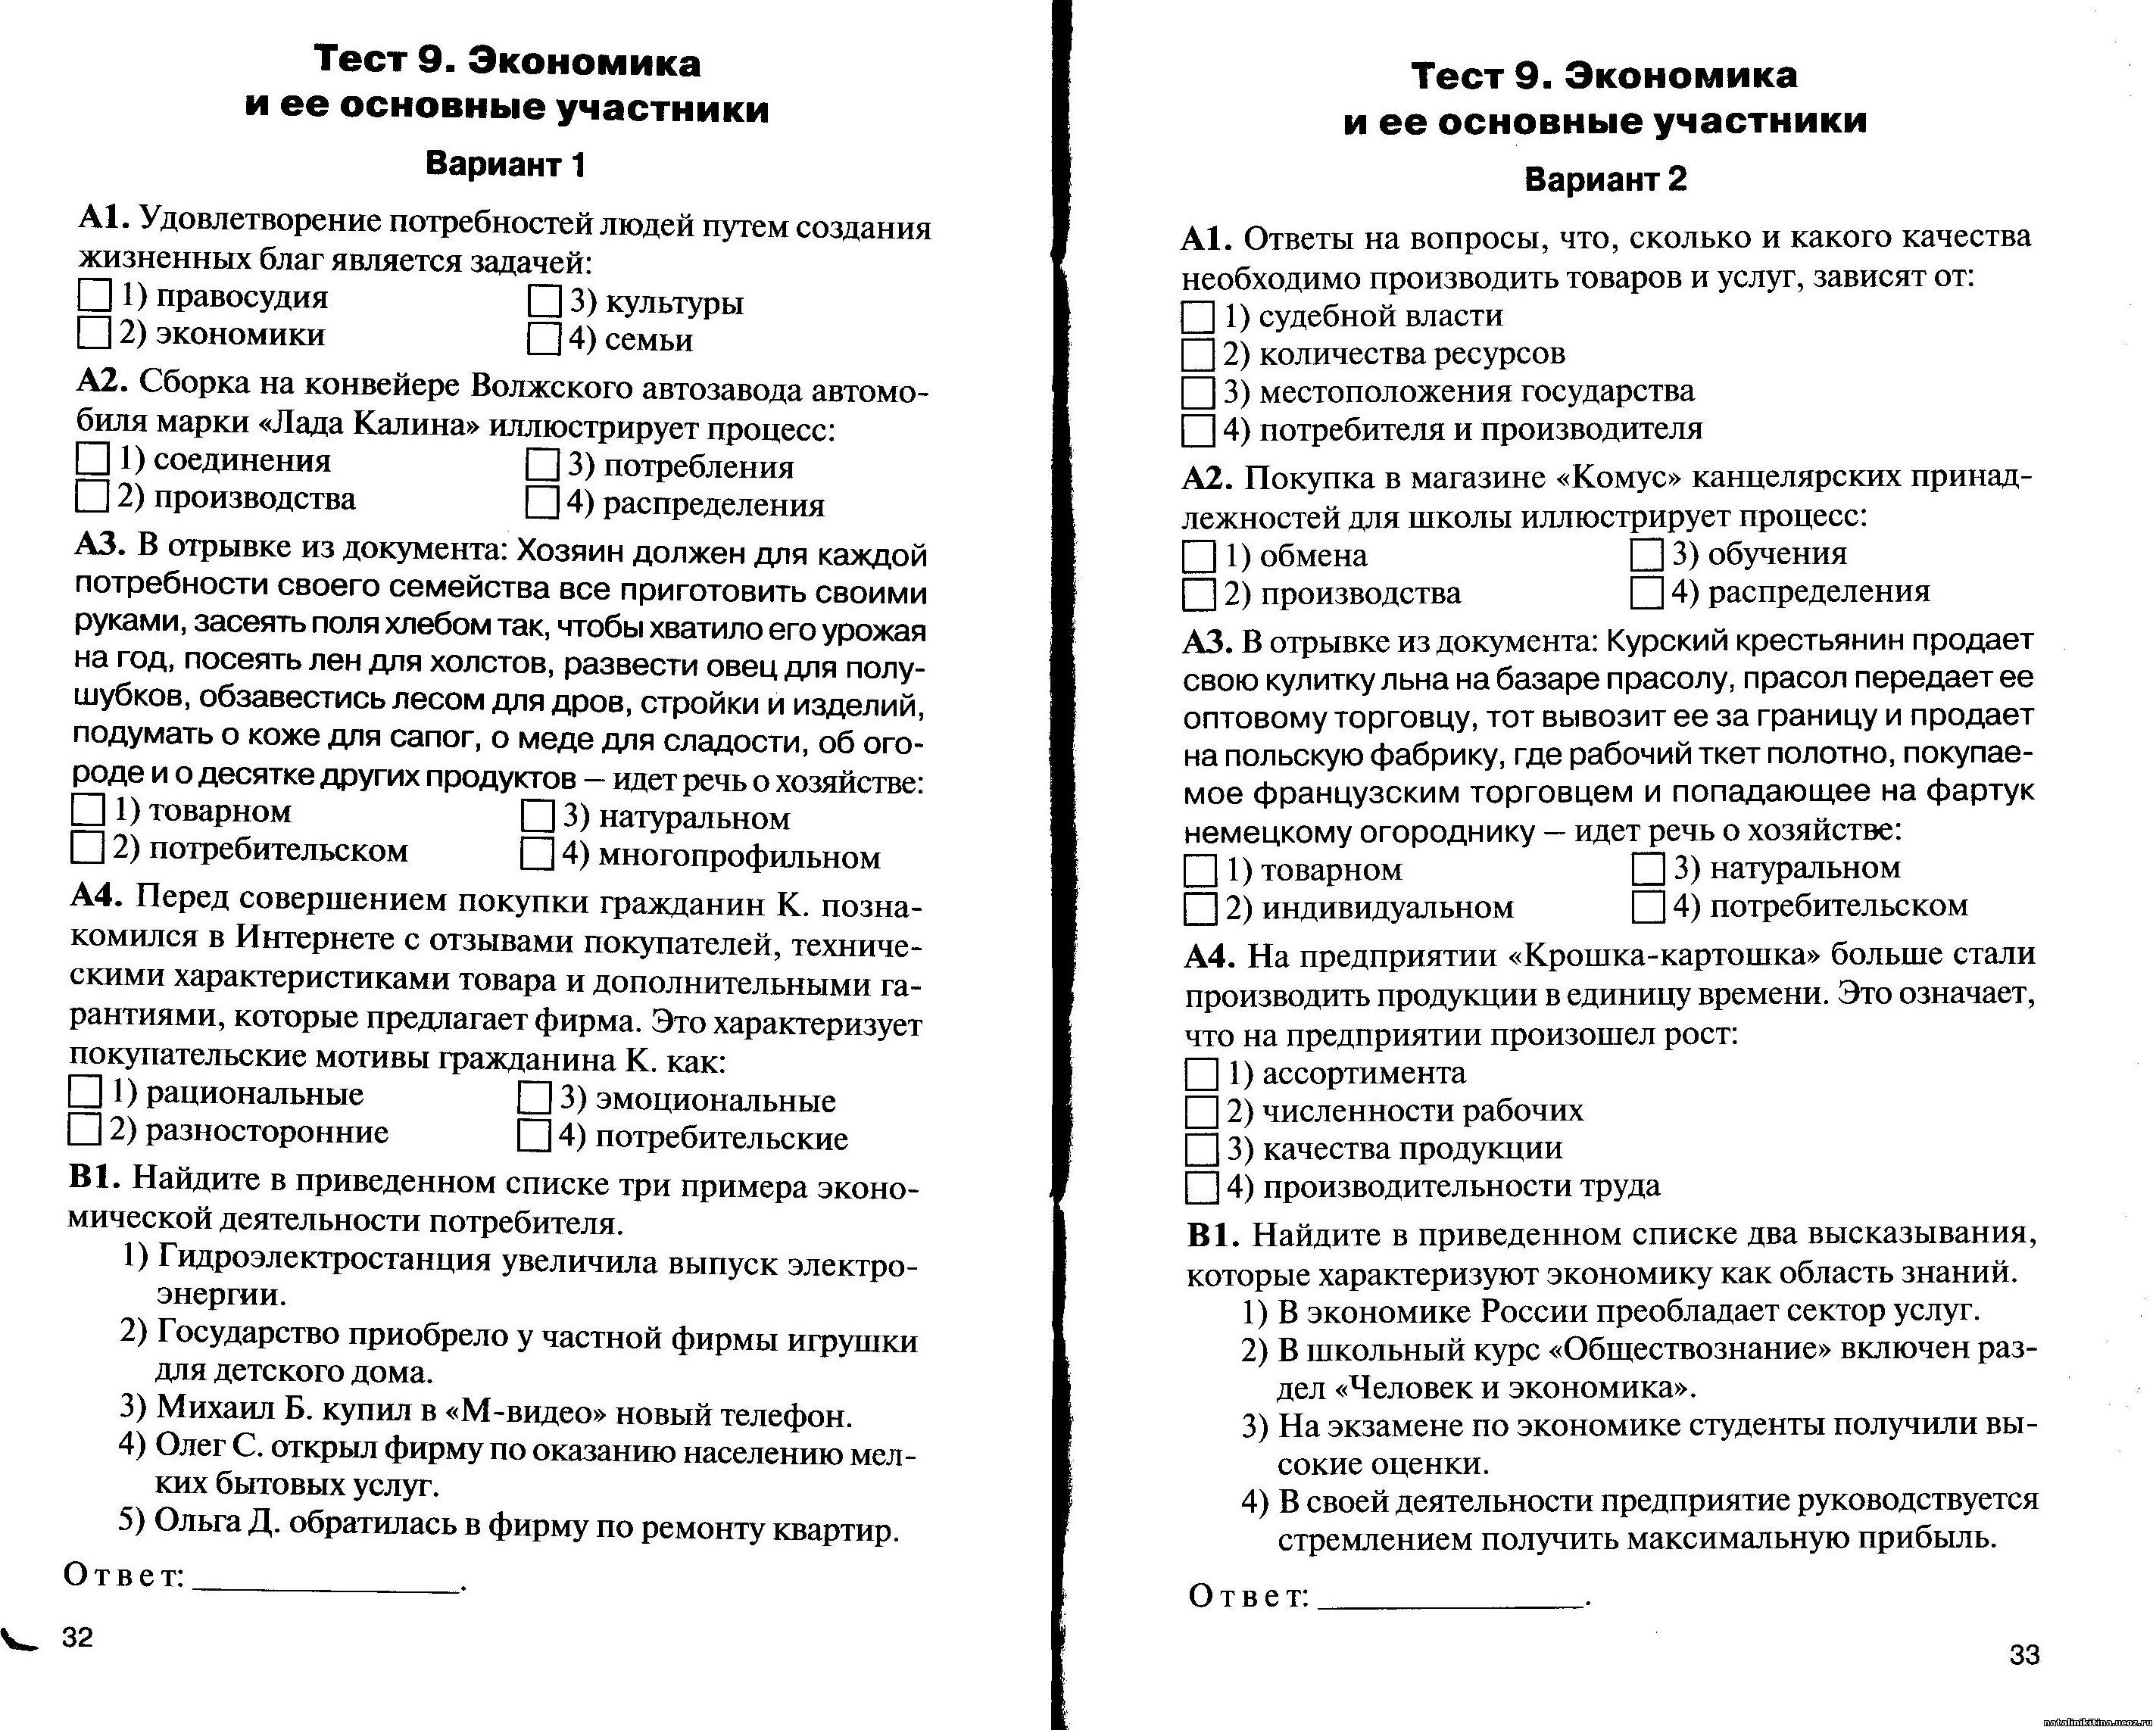 Тест 18 экономика 11 класс